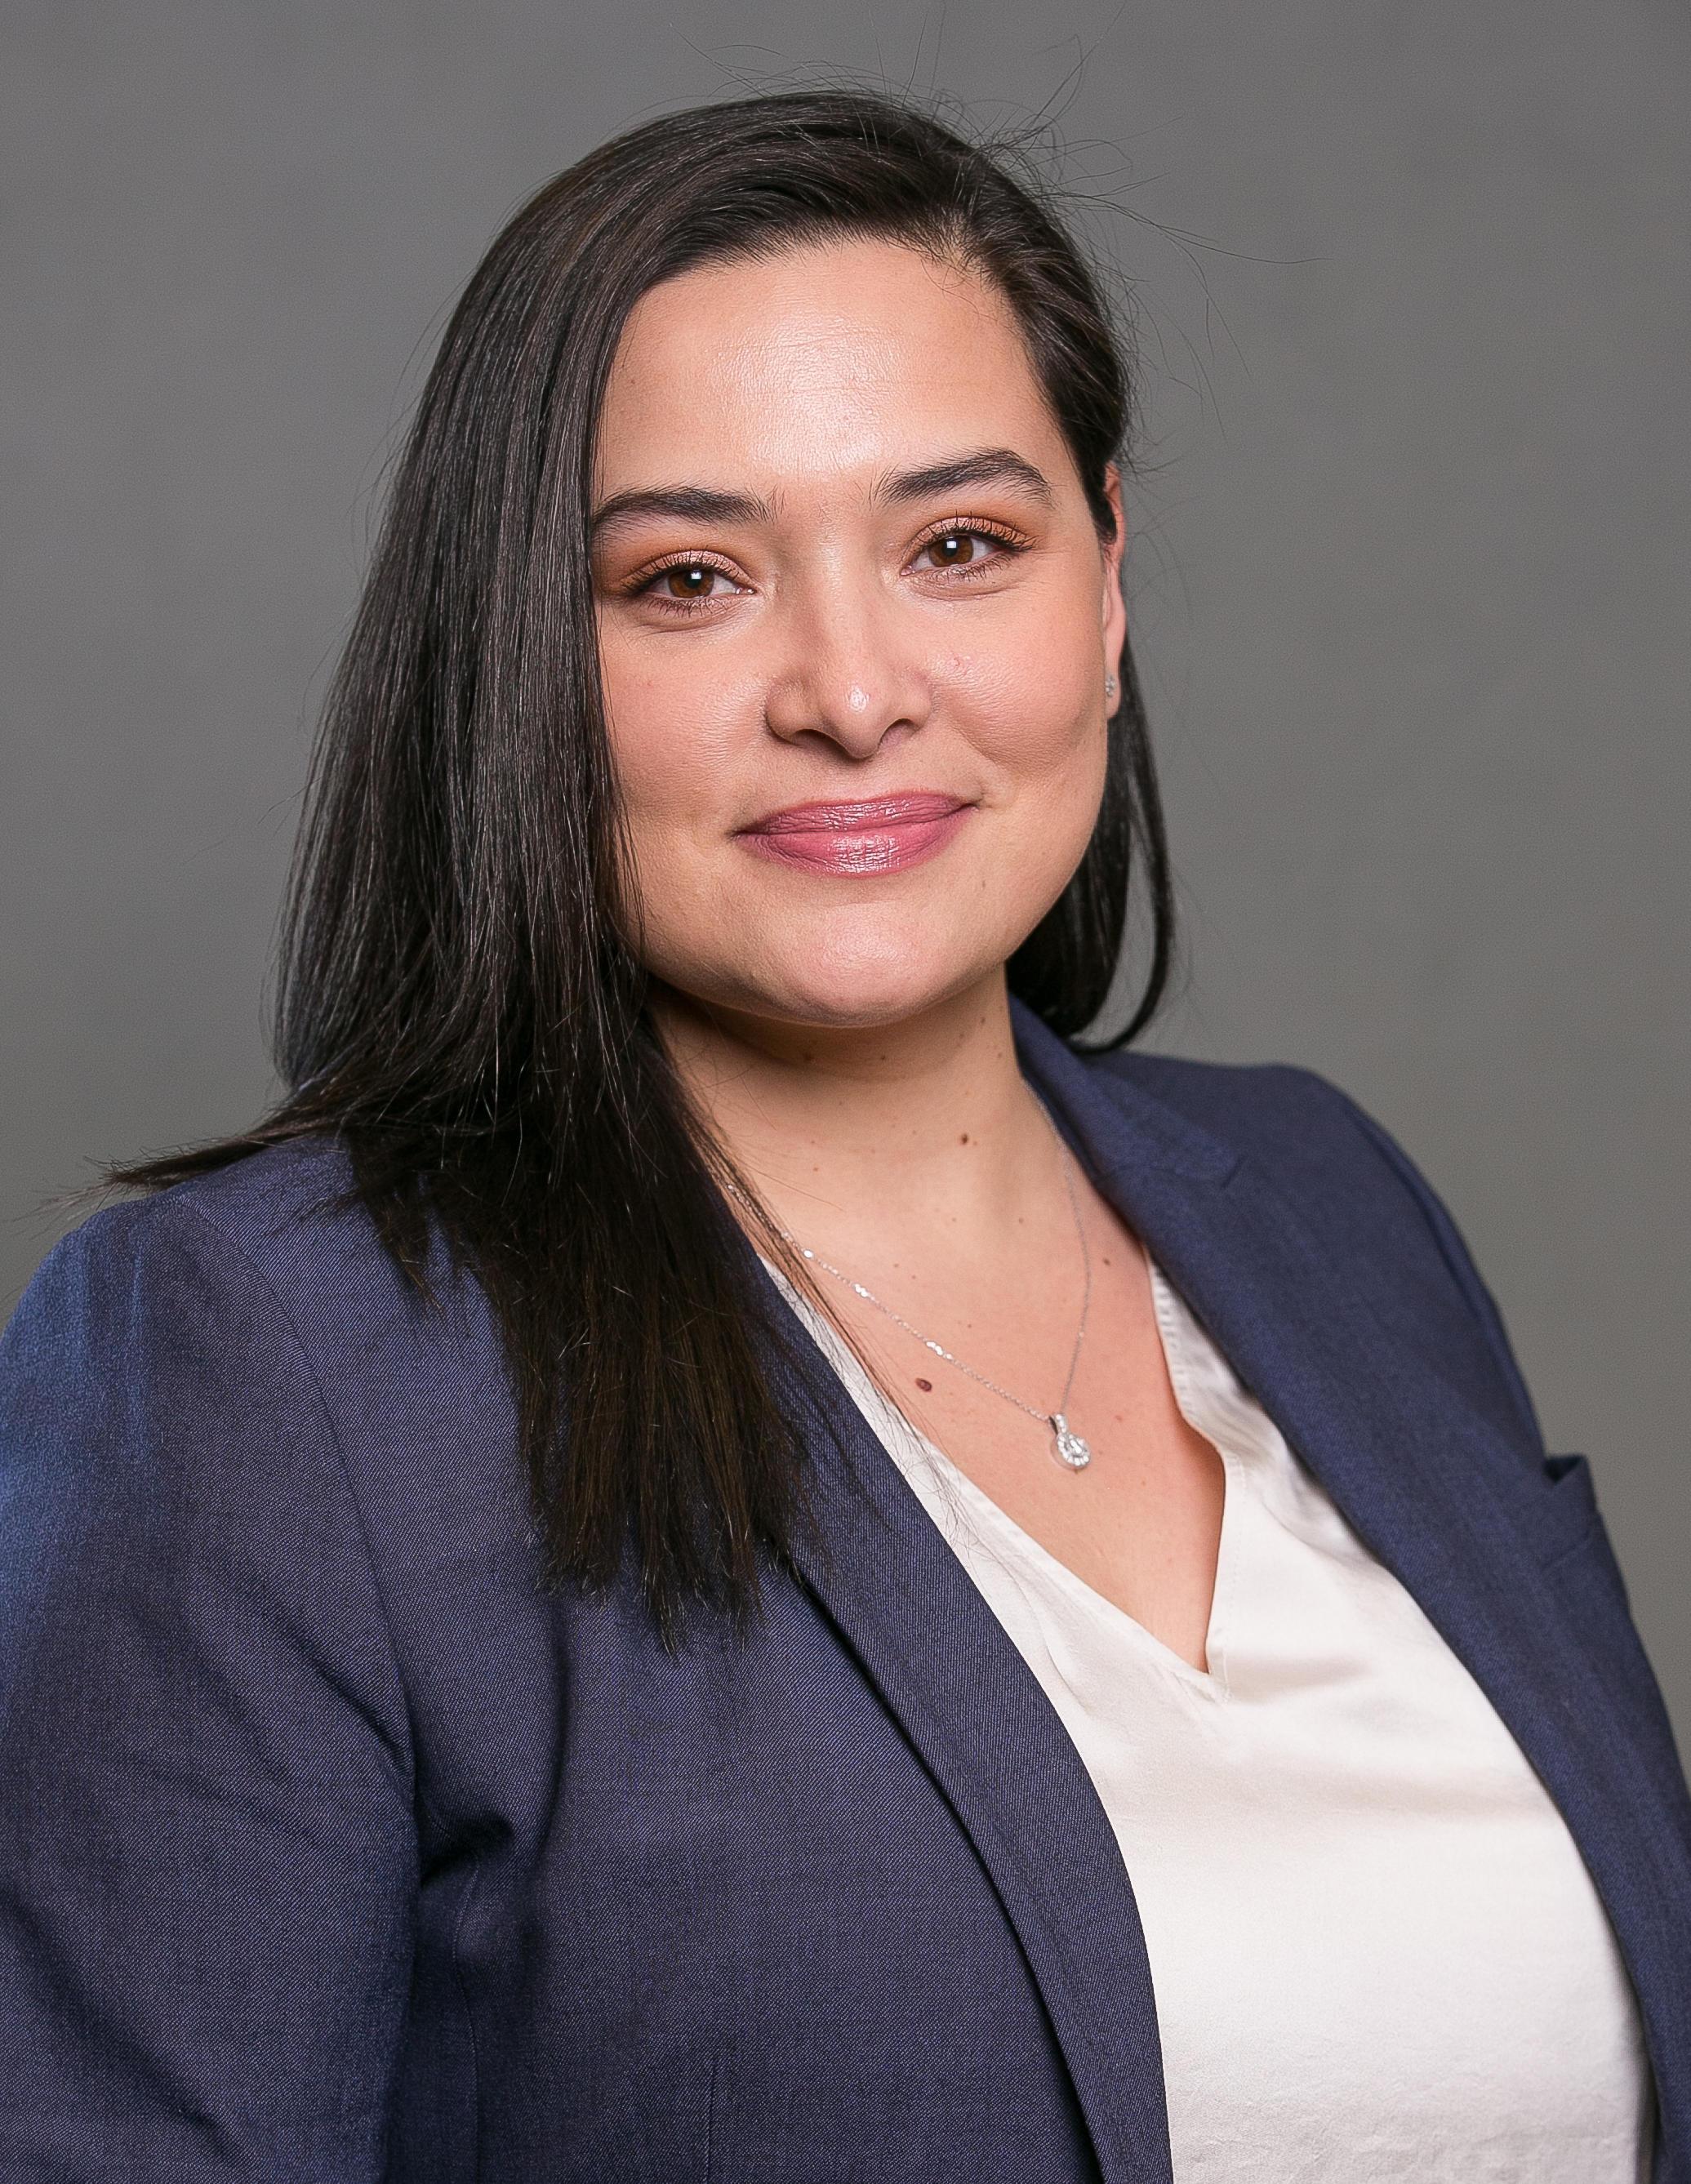 Alejandra Bermudez: Allstate Insurance | 405 Rochelle Ave, Fl 2, Rochelle Park, NJ, 07662 | +1 (201) 843-4618